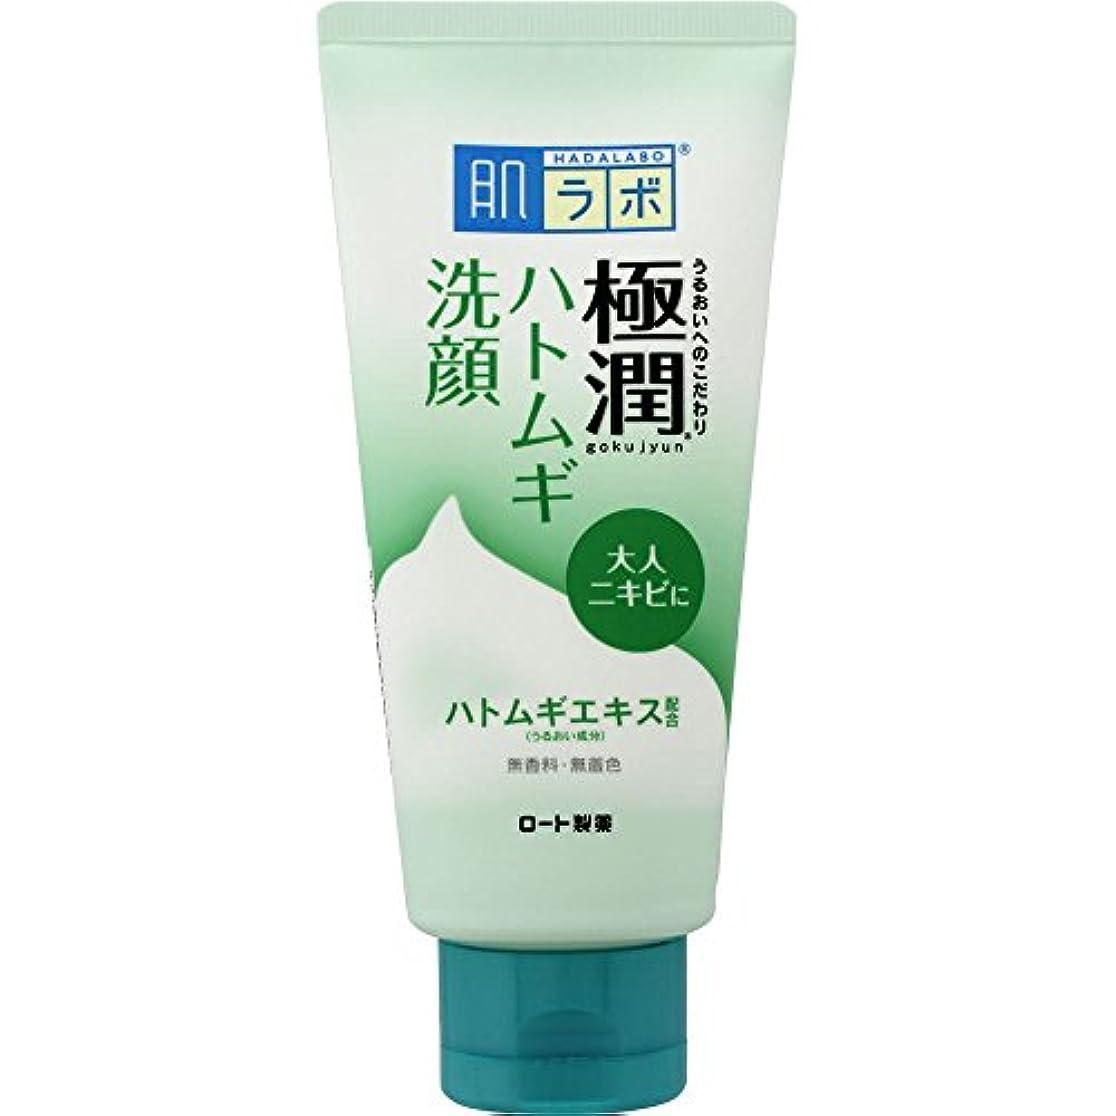 まっすぐにする針スペル肌ラボ 極潤 毛穴洗浄 大人ニキビ予防 ハトムギ洗顔フォーム 100g